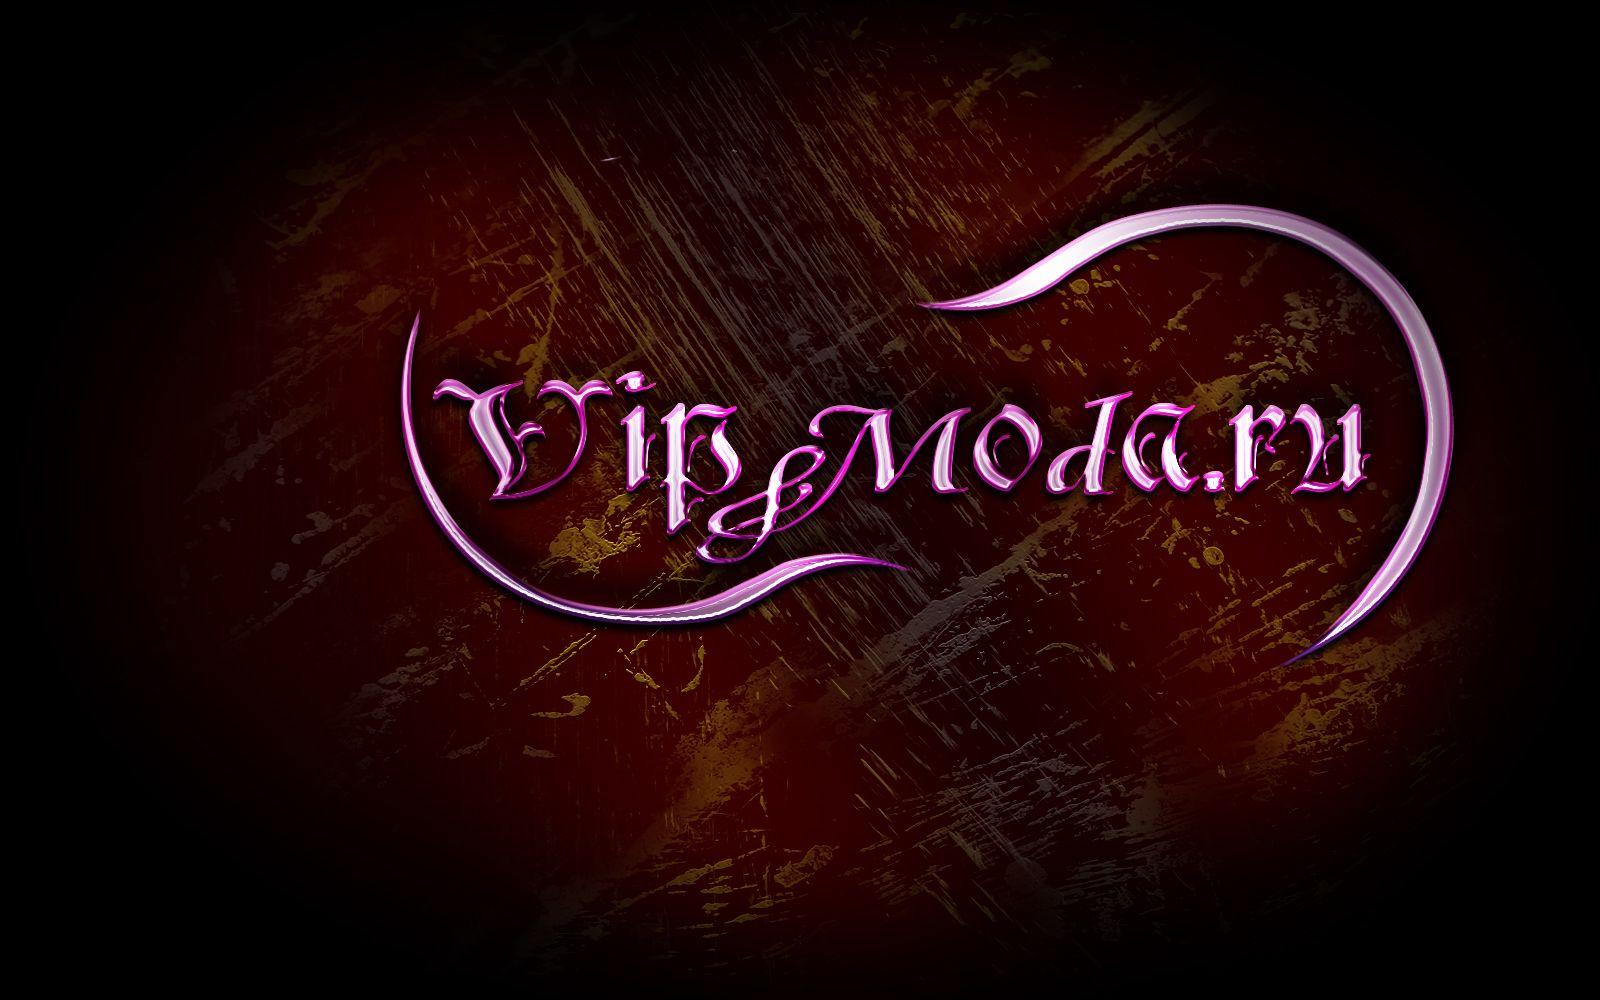 Лого и фирменный стиль компании ВИПМОДА  - дизайнер lp1311201